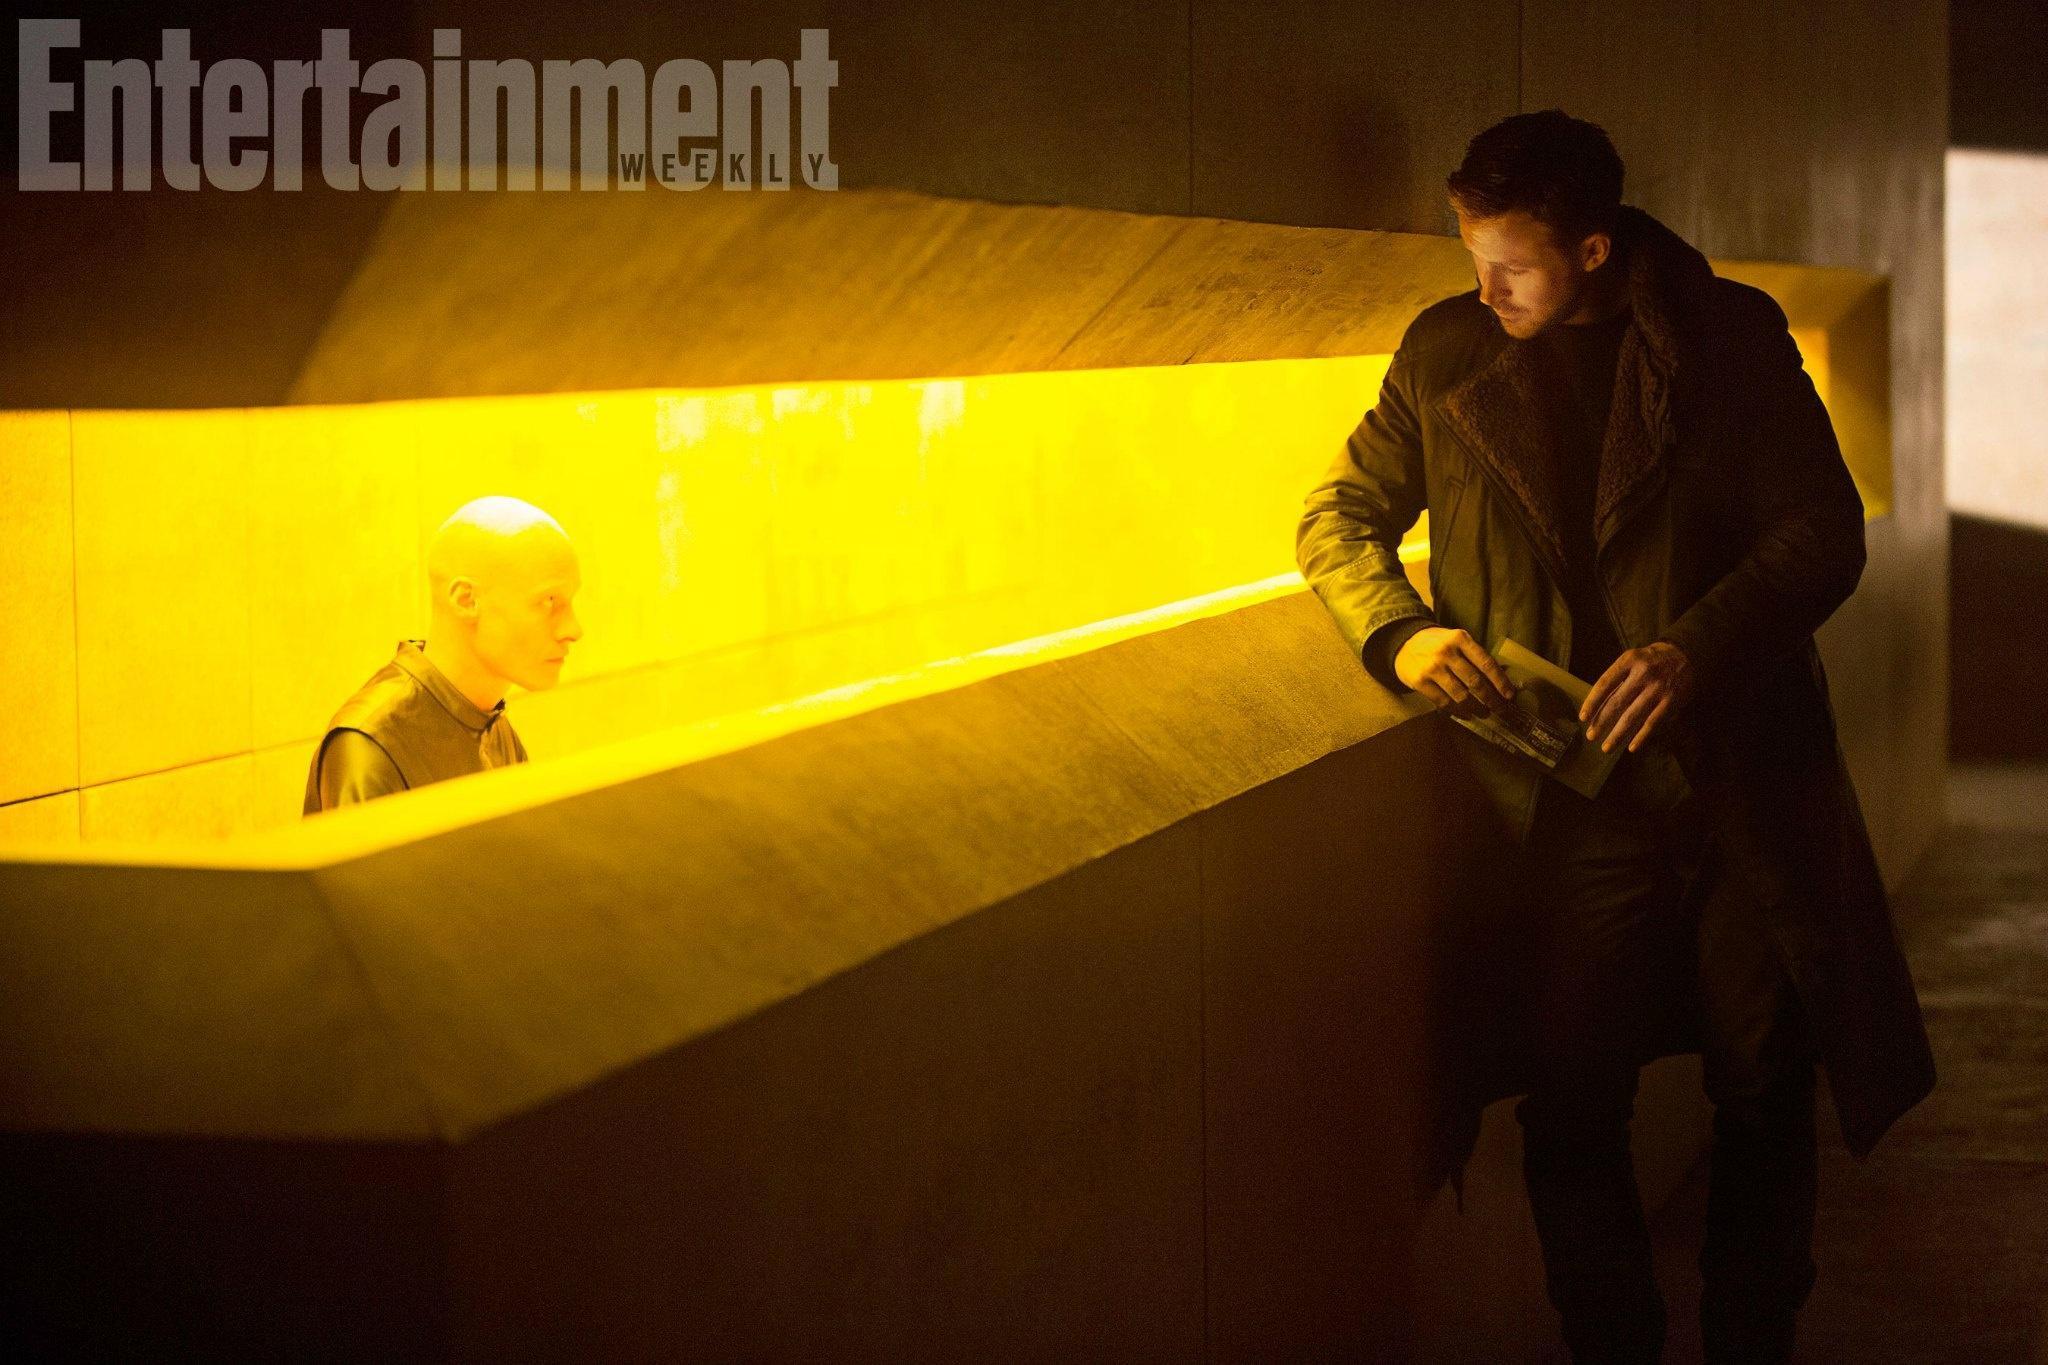 《娱乐周刊》曝光《银翼杀手2049》最新剧照